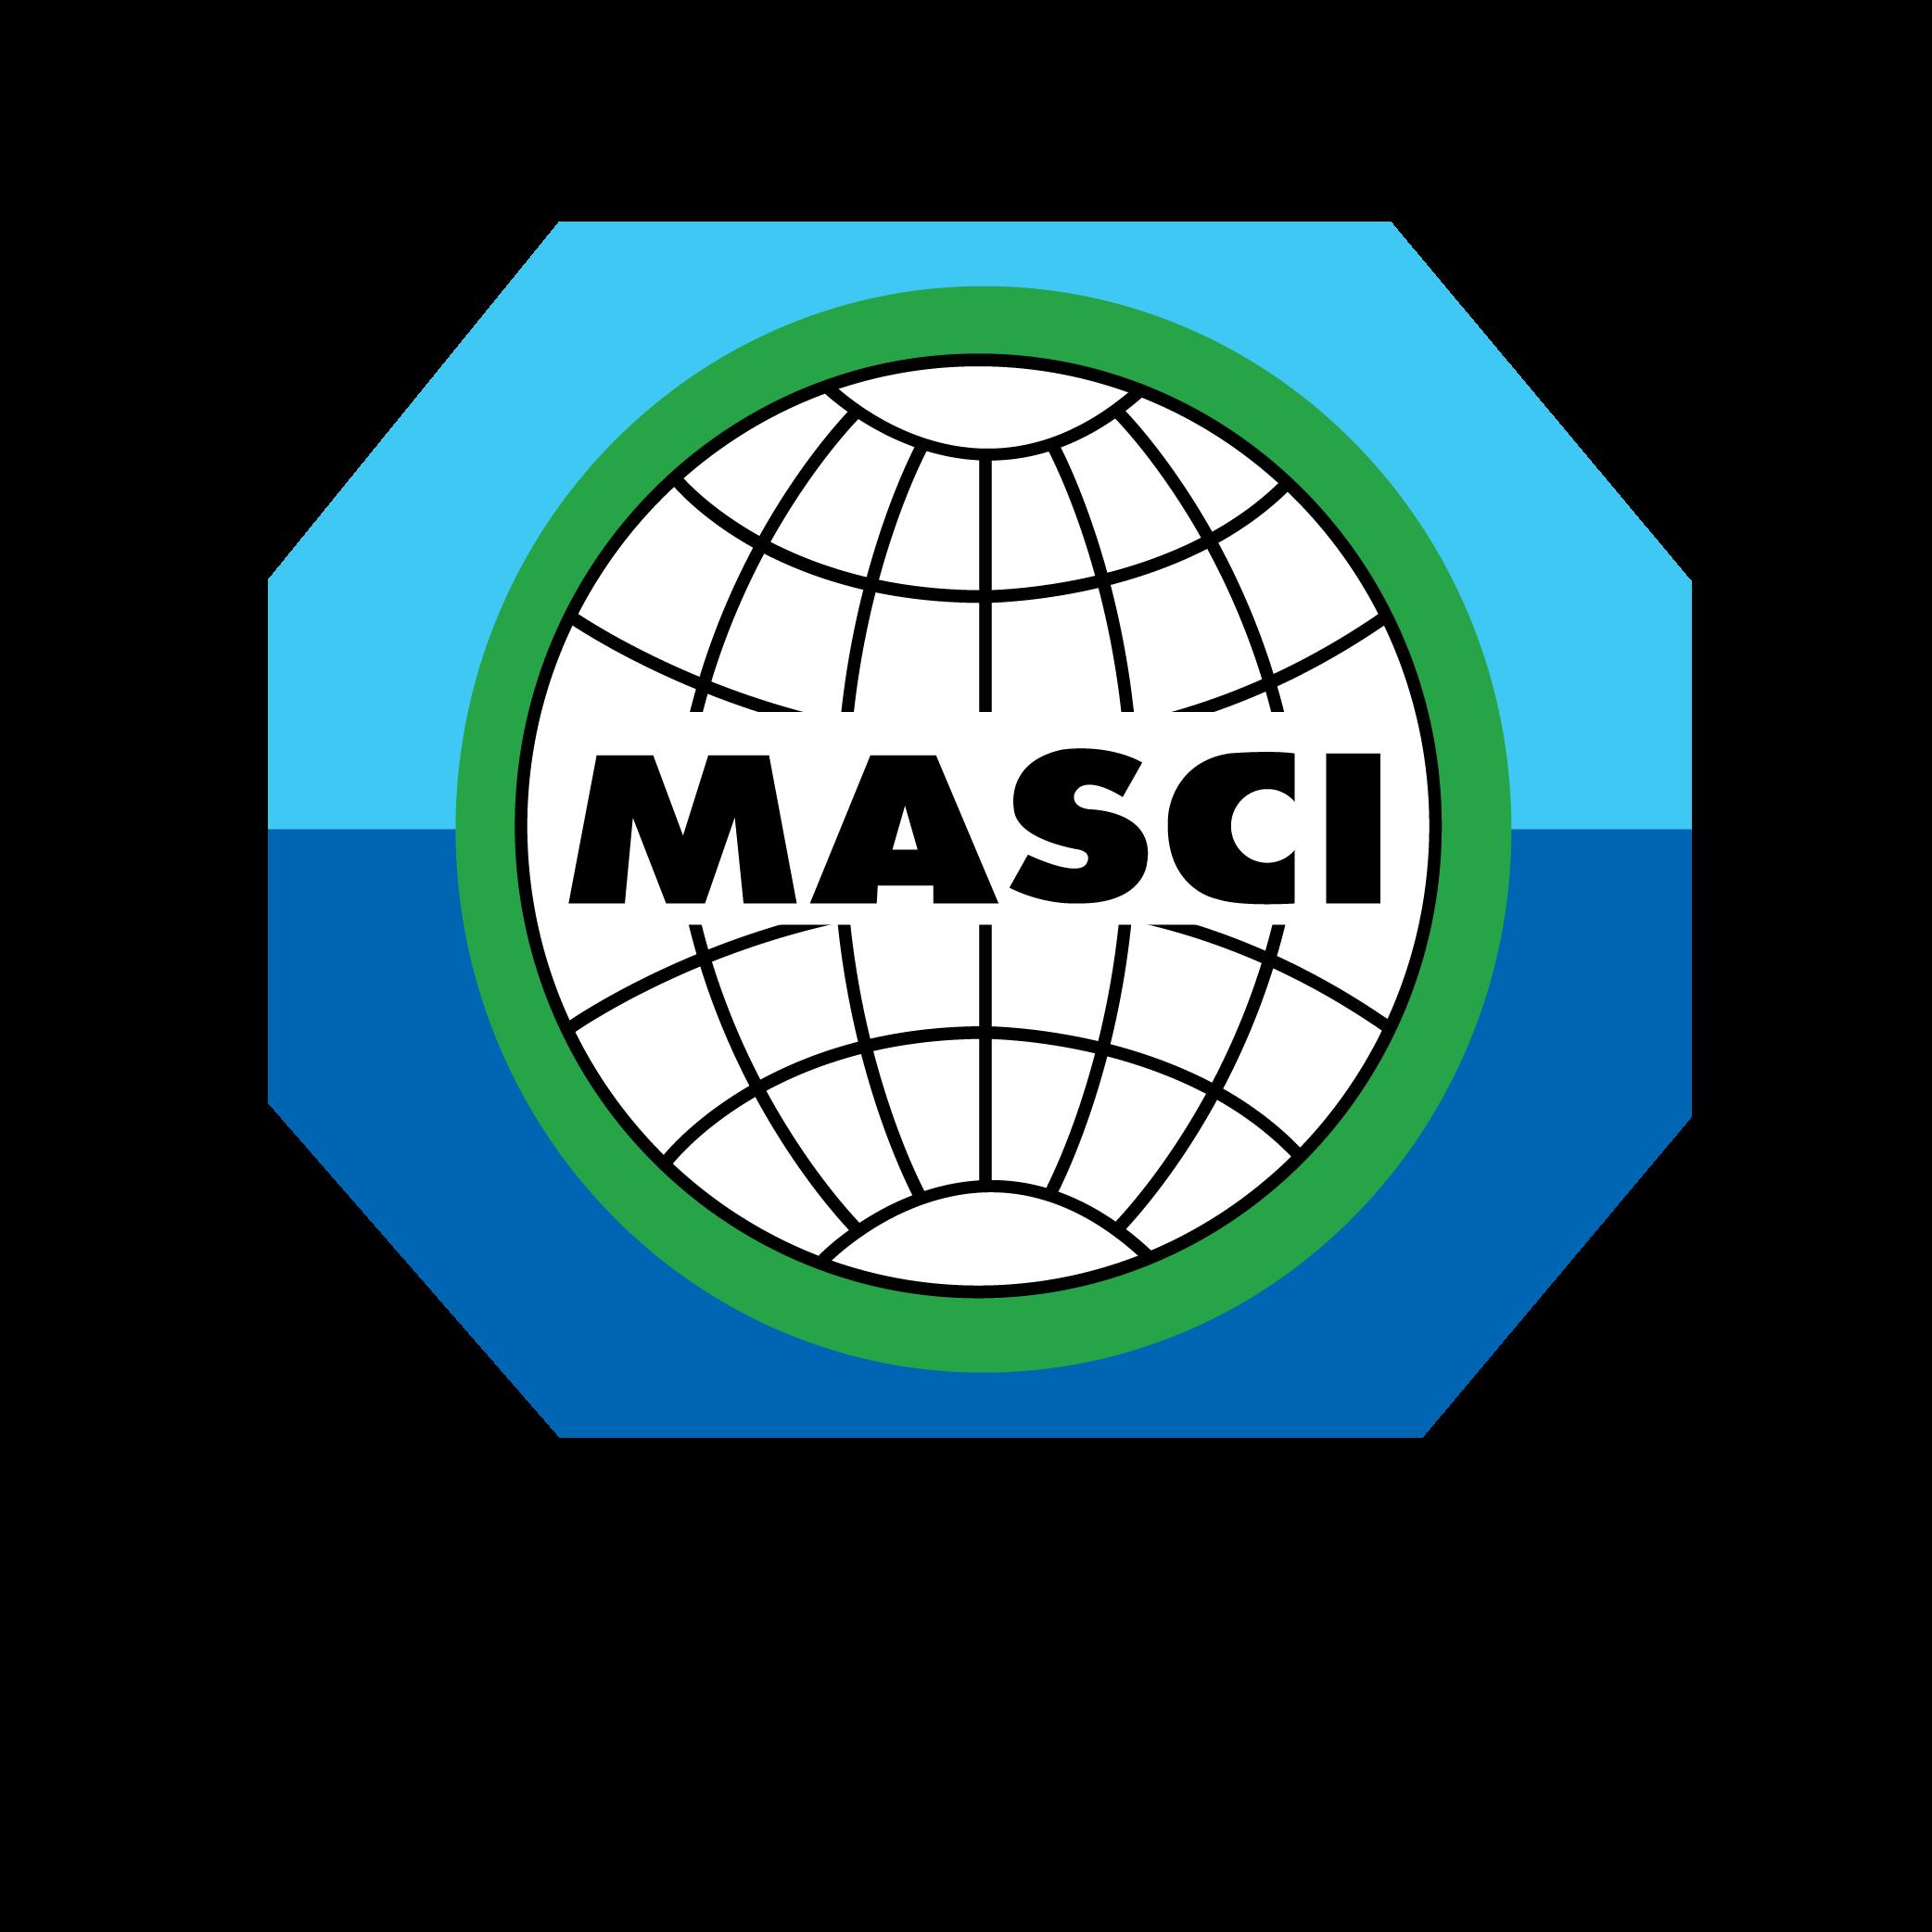 MASCI 01 ICC HATYAI ศูนย์ประชุมนานาชาติฉลองสิริราชสมบัติครบ ๖๐ ปี